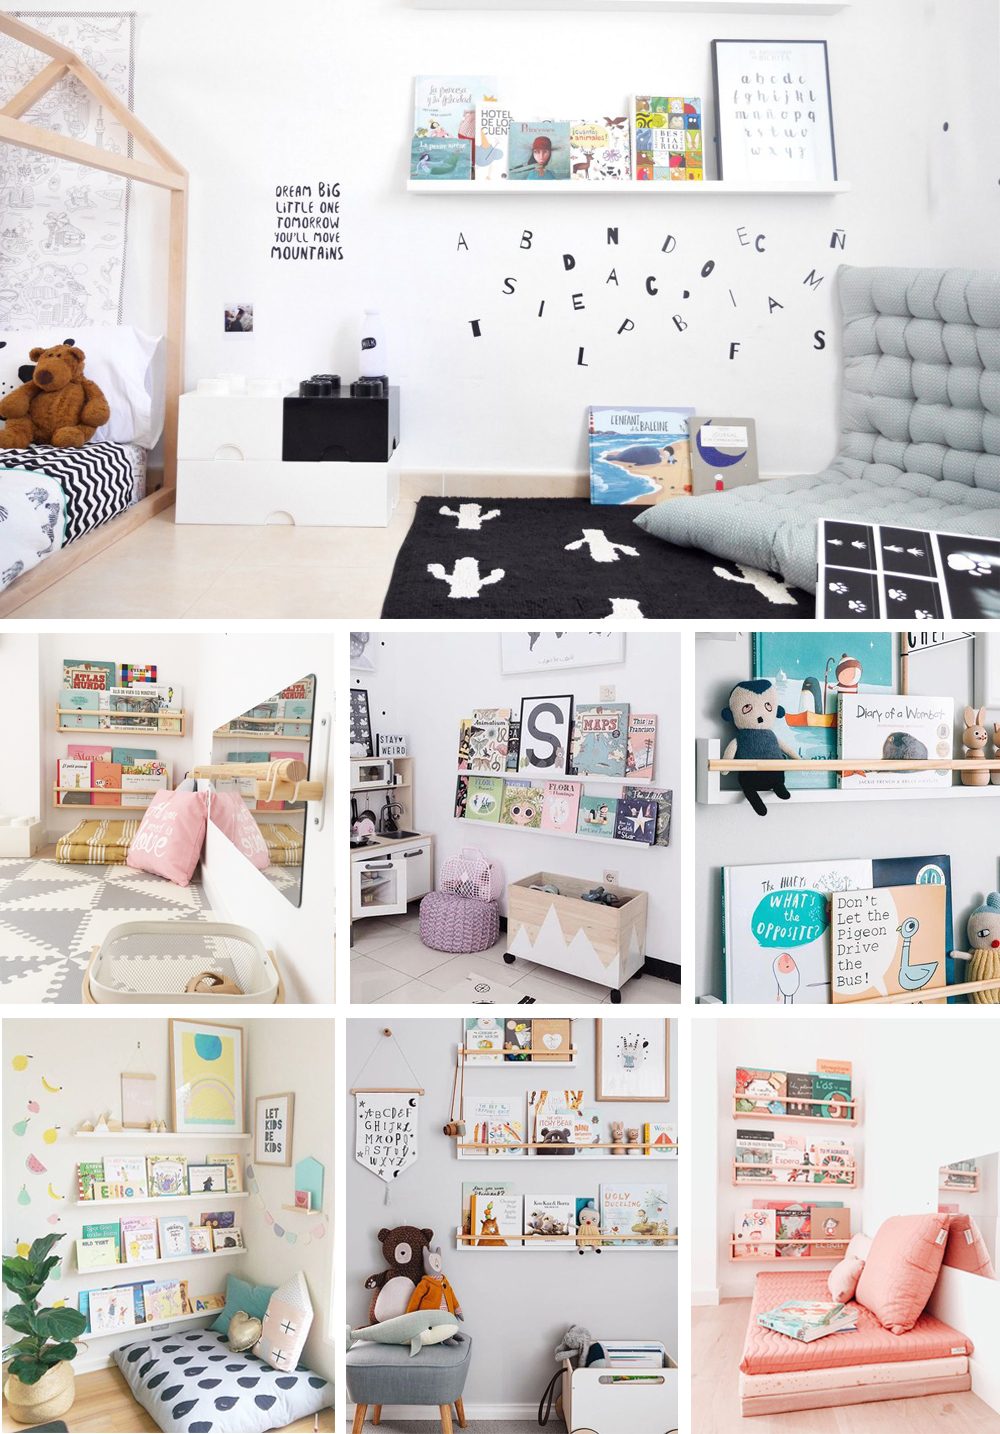 zona de lectura método Montessori para decorar habitaciones infantiles con estanterías, libros y colchonetas